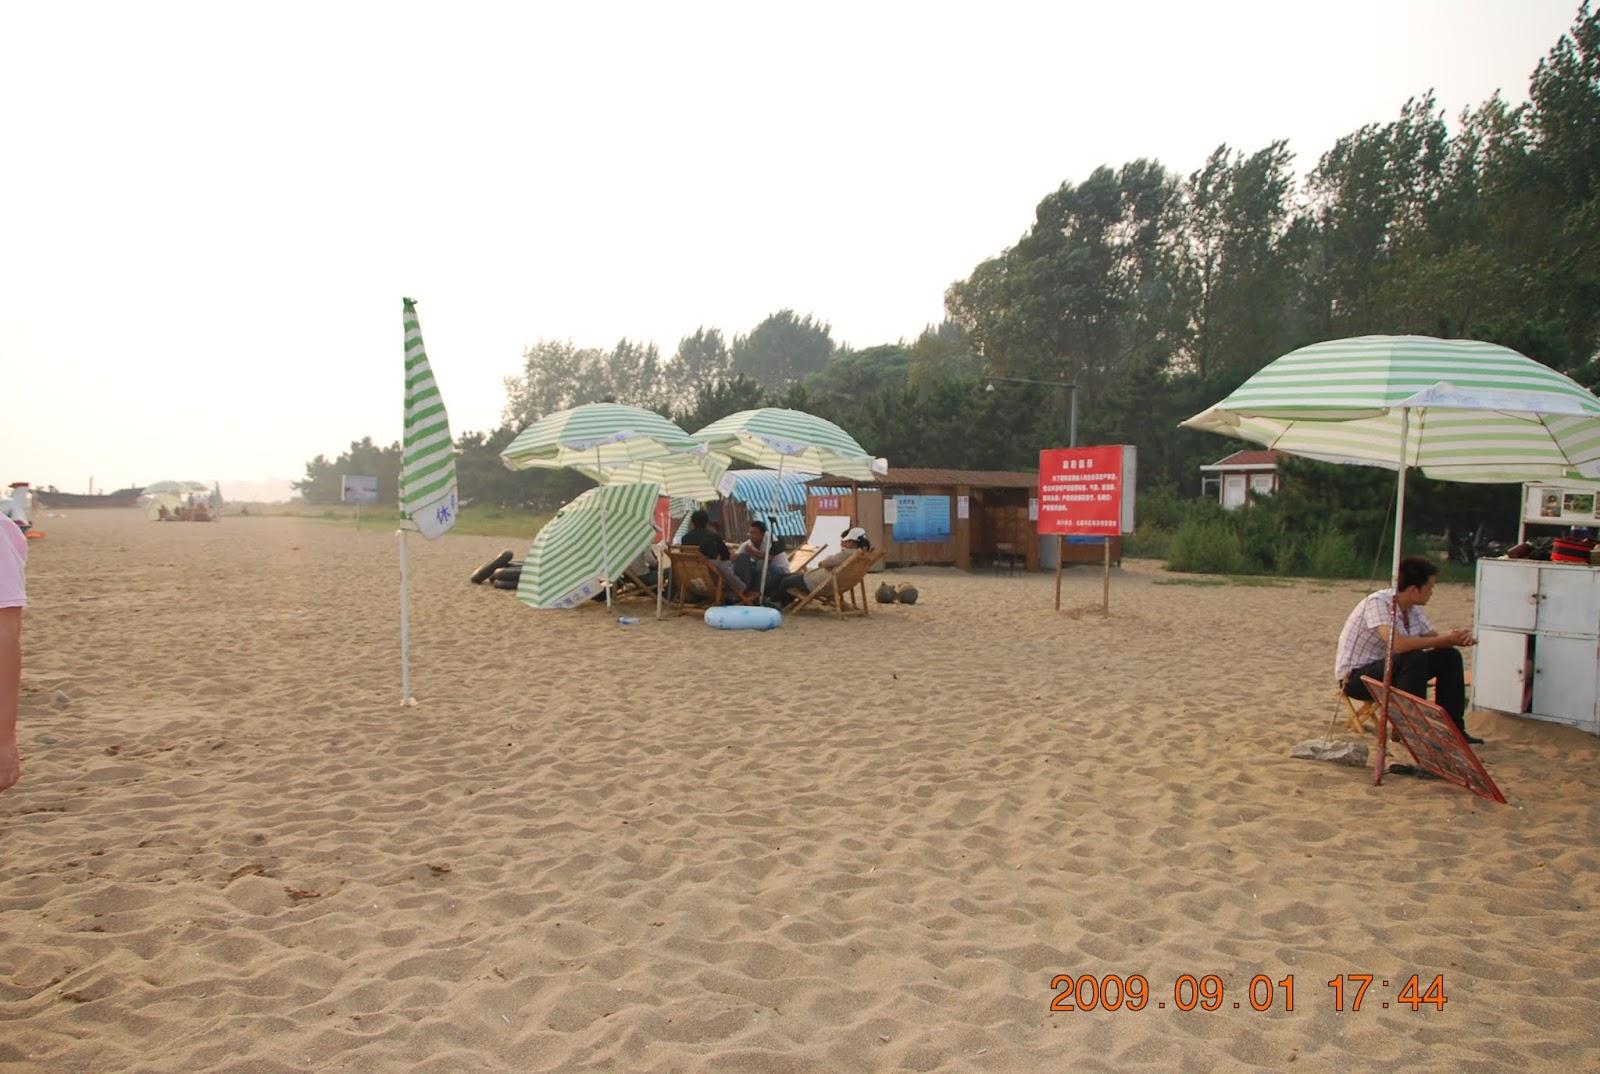 Strand mit grün-weiß gestreiften Sonnenschirmen